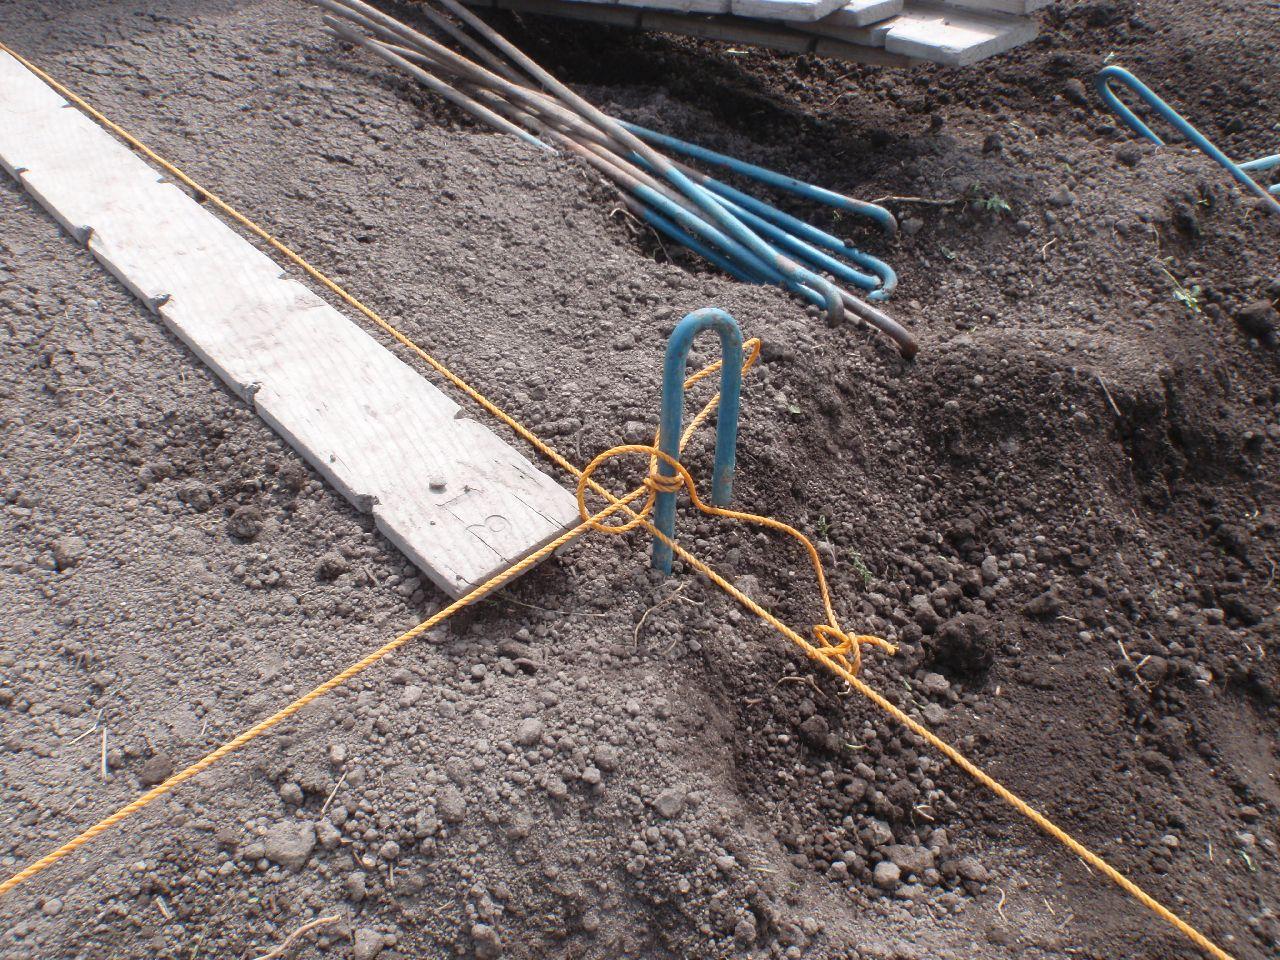 角は糸を直角に交差させる。